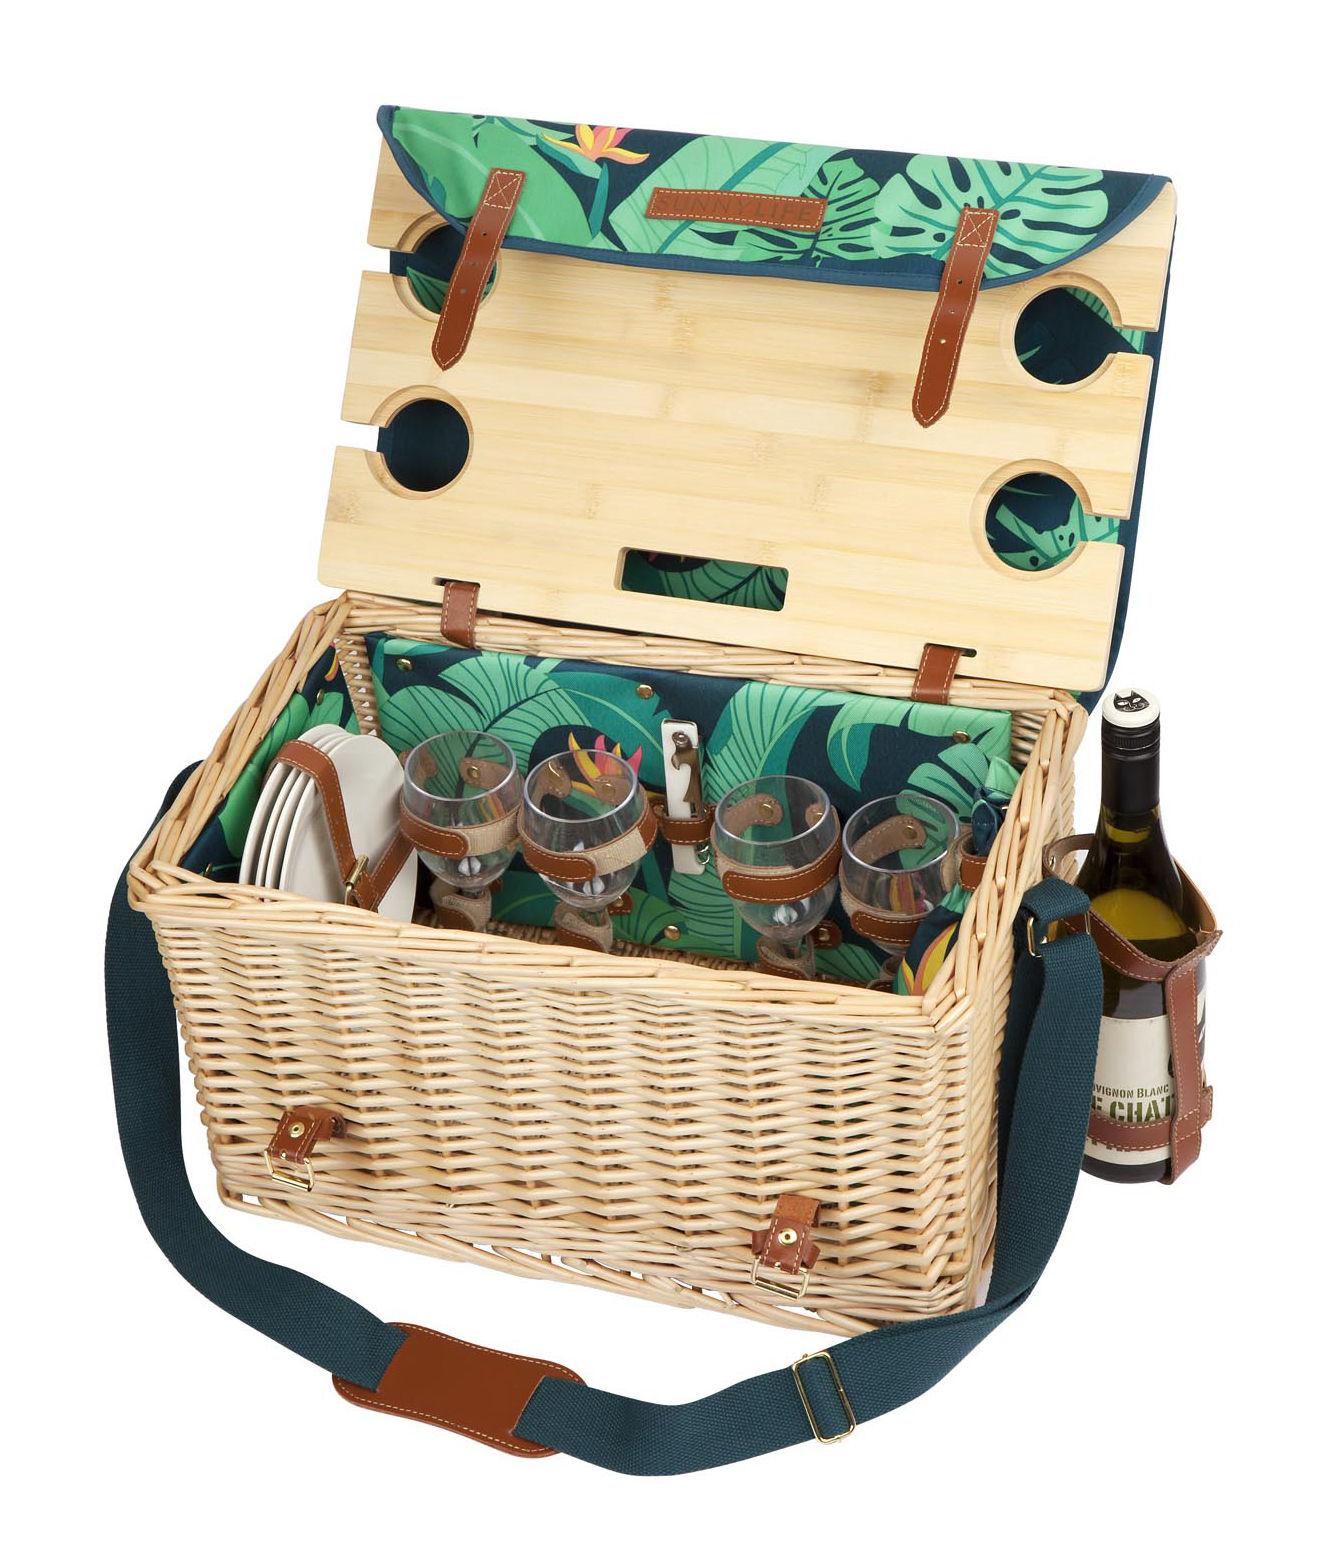 Arts de la table - Assiettes - Panier à pique-nique Monteverde / Osier & cuir - Set complet 4 personnes - Sunnylife - Monteverde - Osier, Similicuir, Tissu polyester